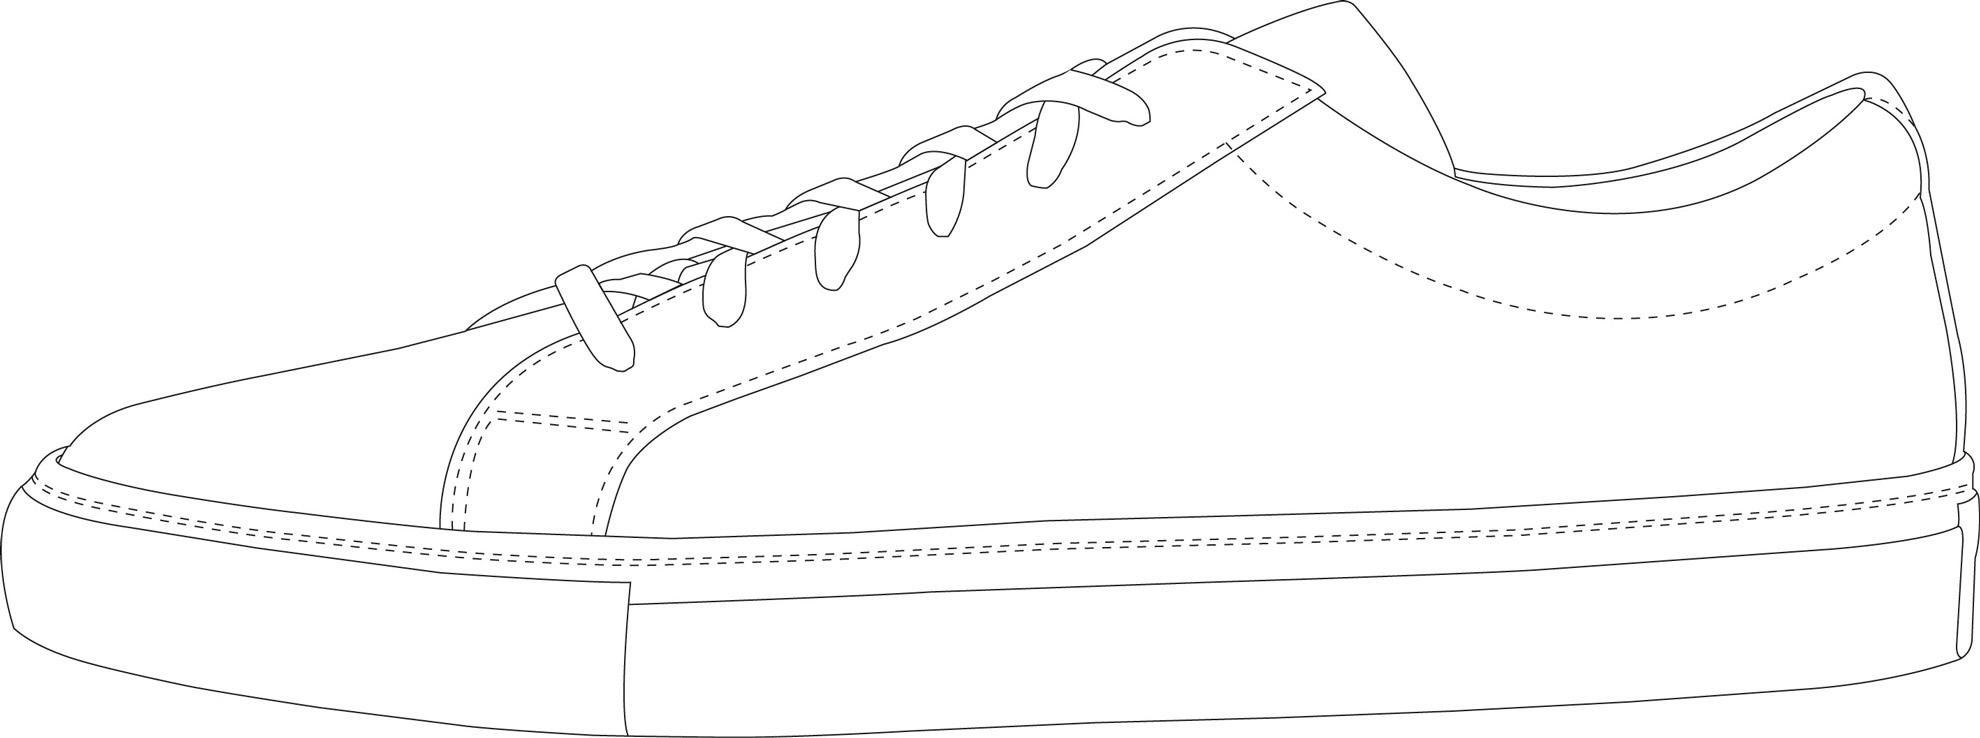 sneakersketch.jpg